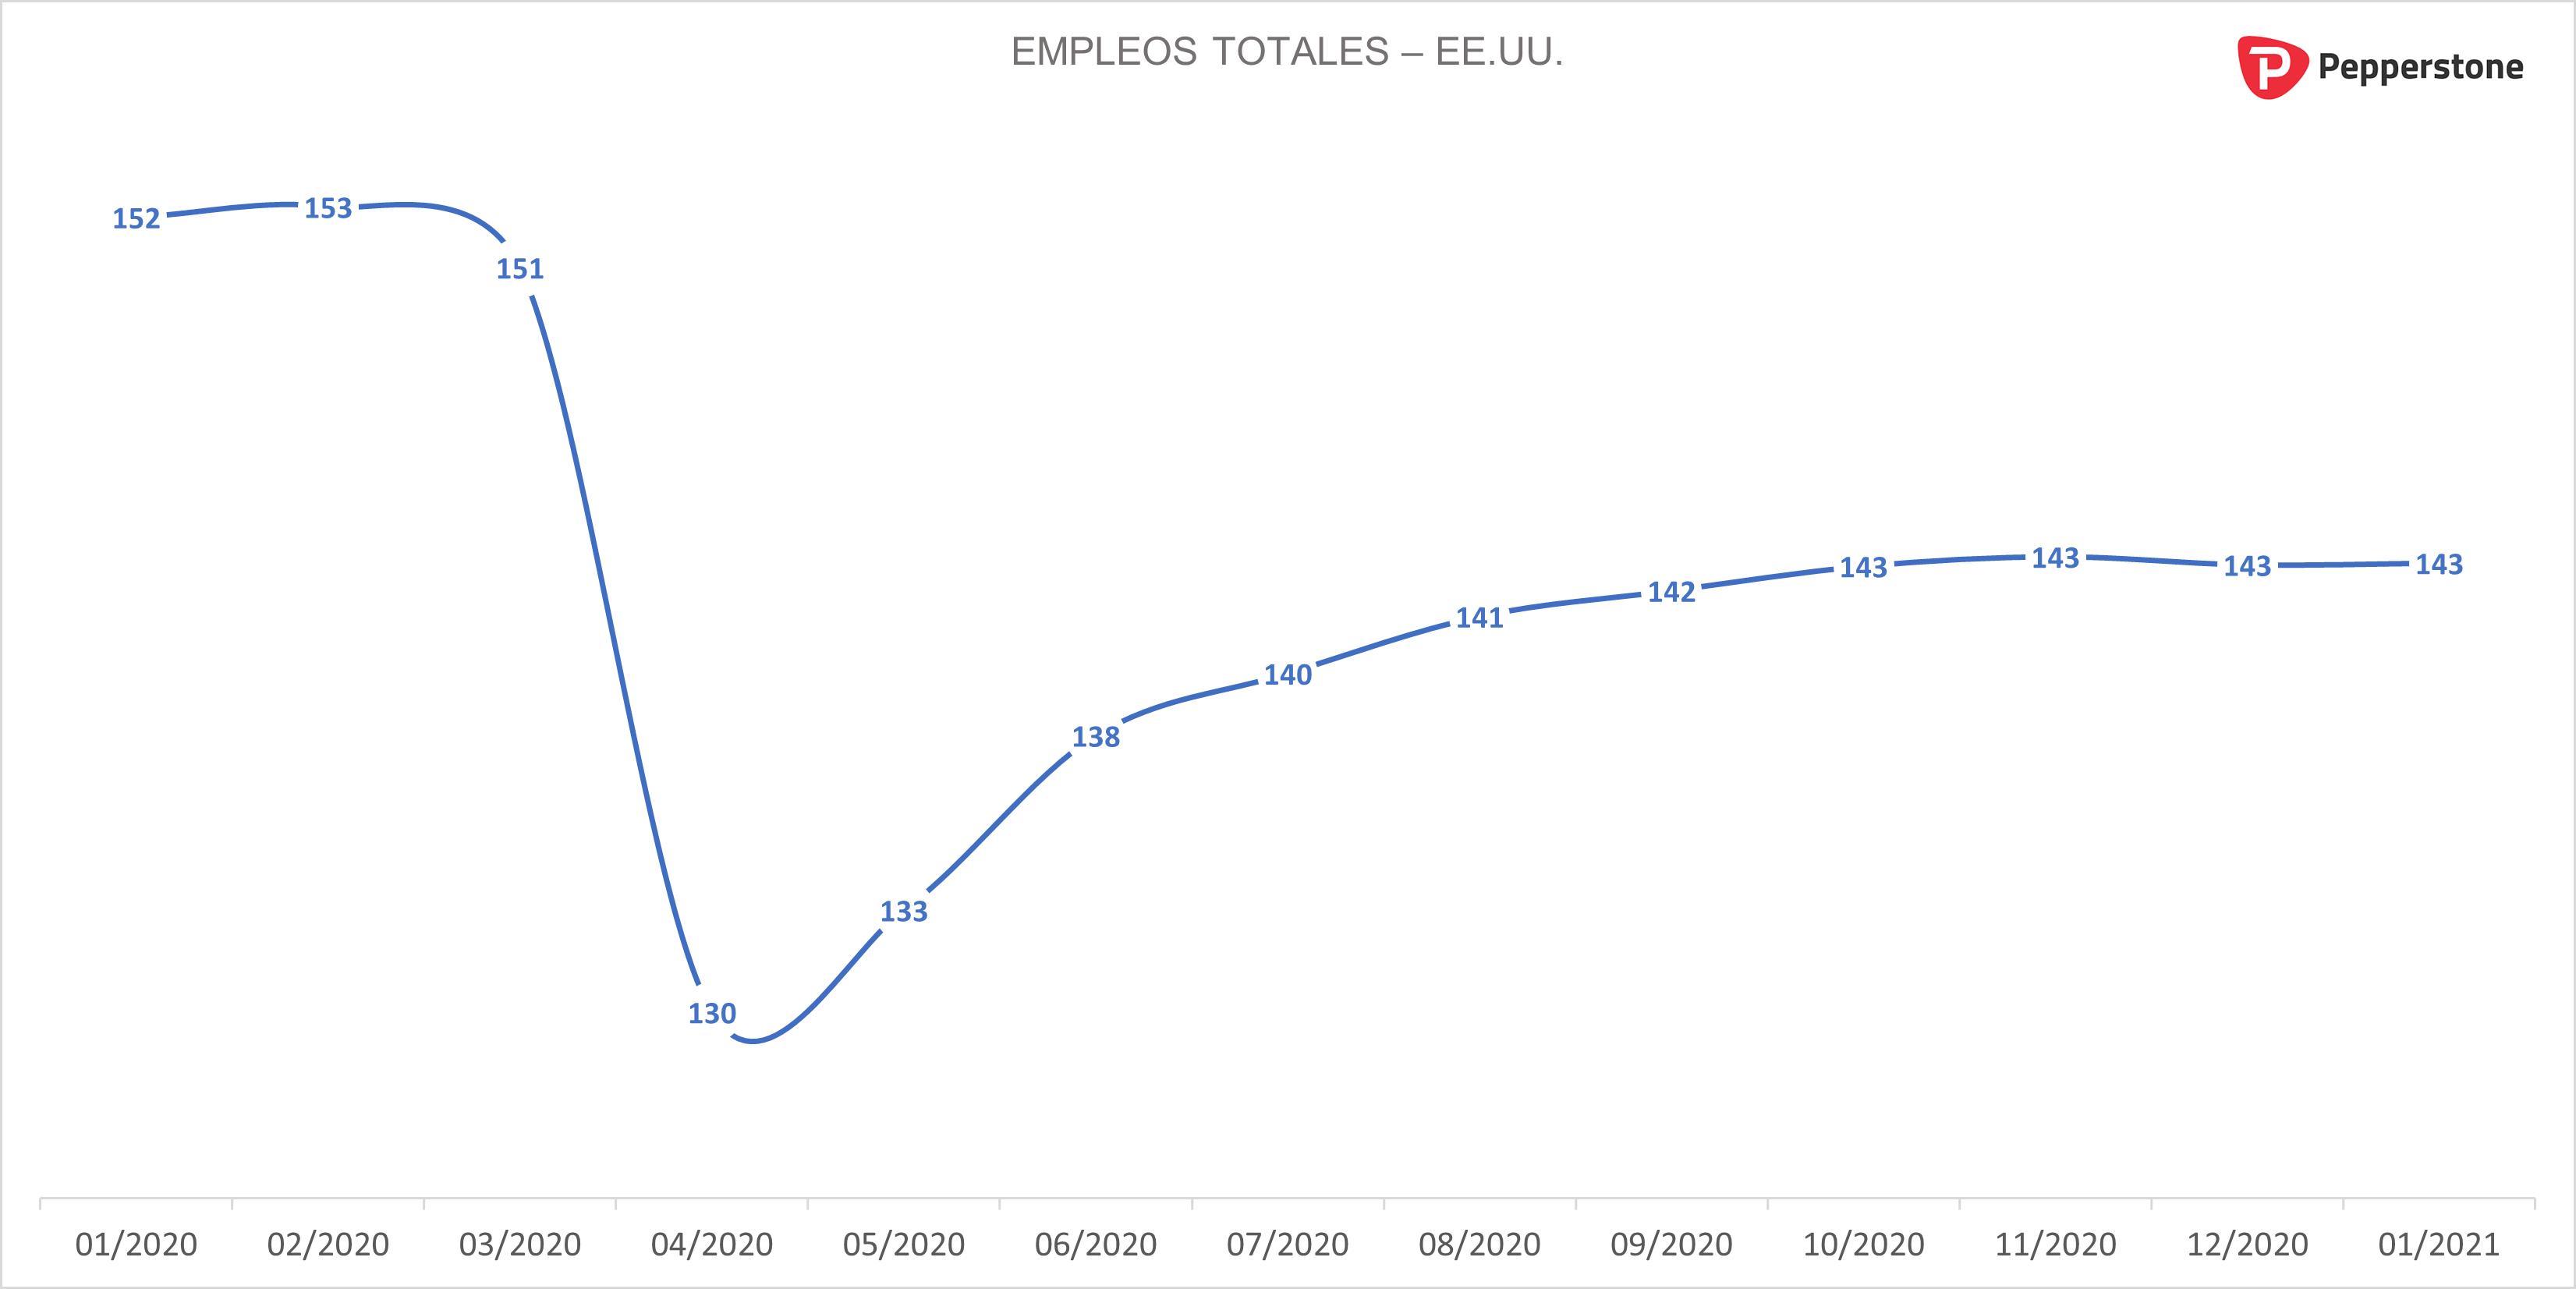 Empleos_totales_EEUU.png